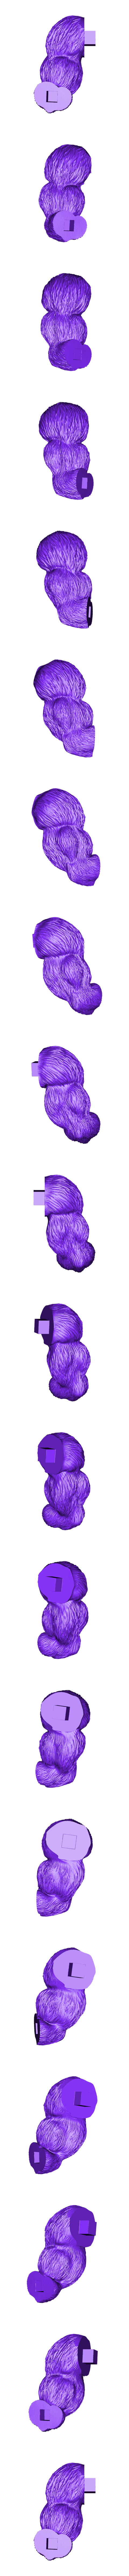 ArmL.stl Download STL file Oozaru Baby - Dragon ball - 3D print model  • Object to 3D print, Bstar3Dart